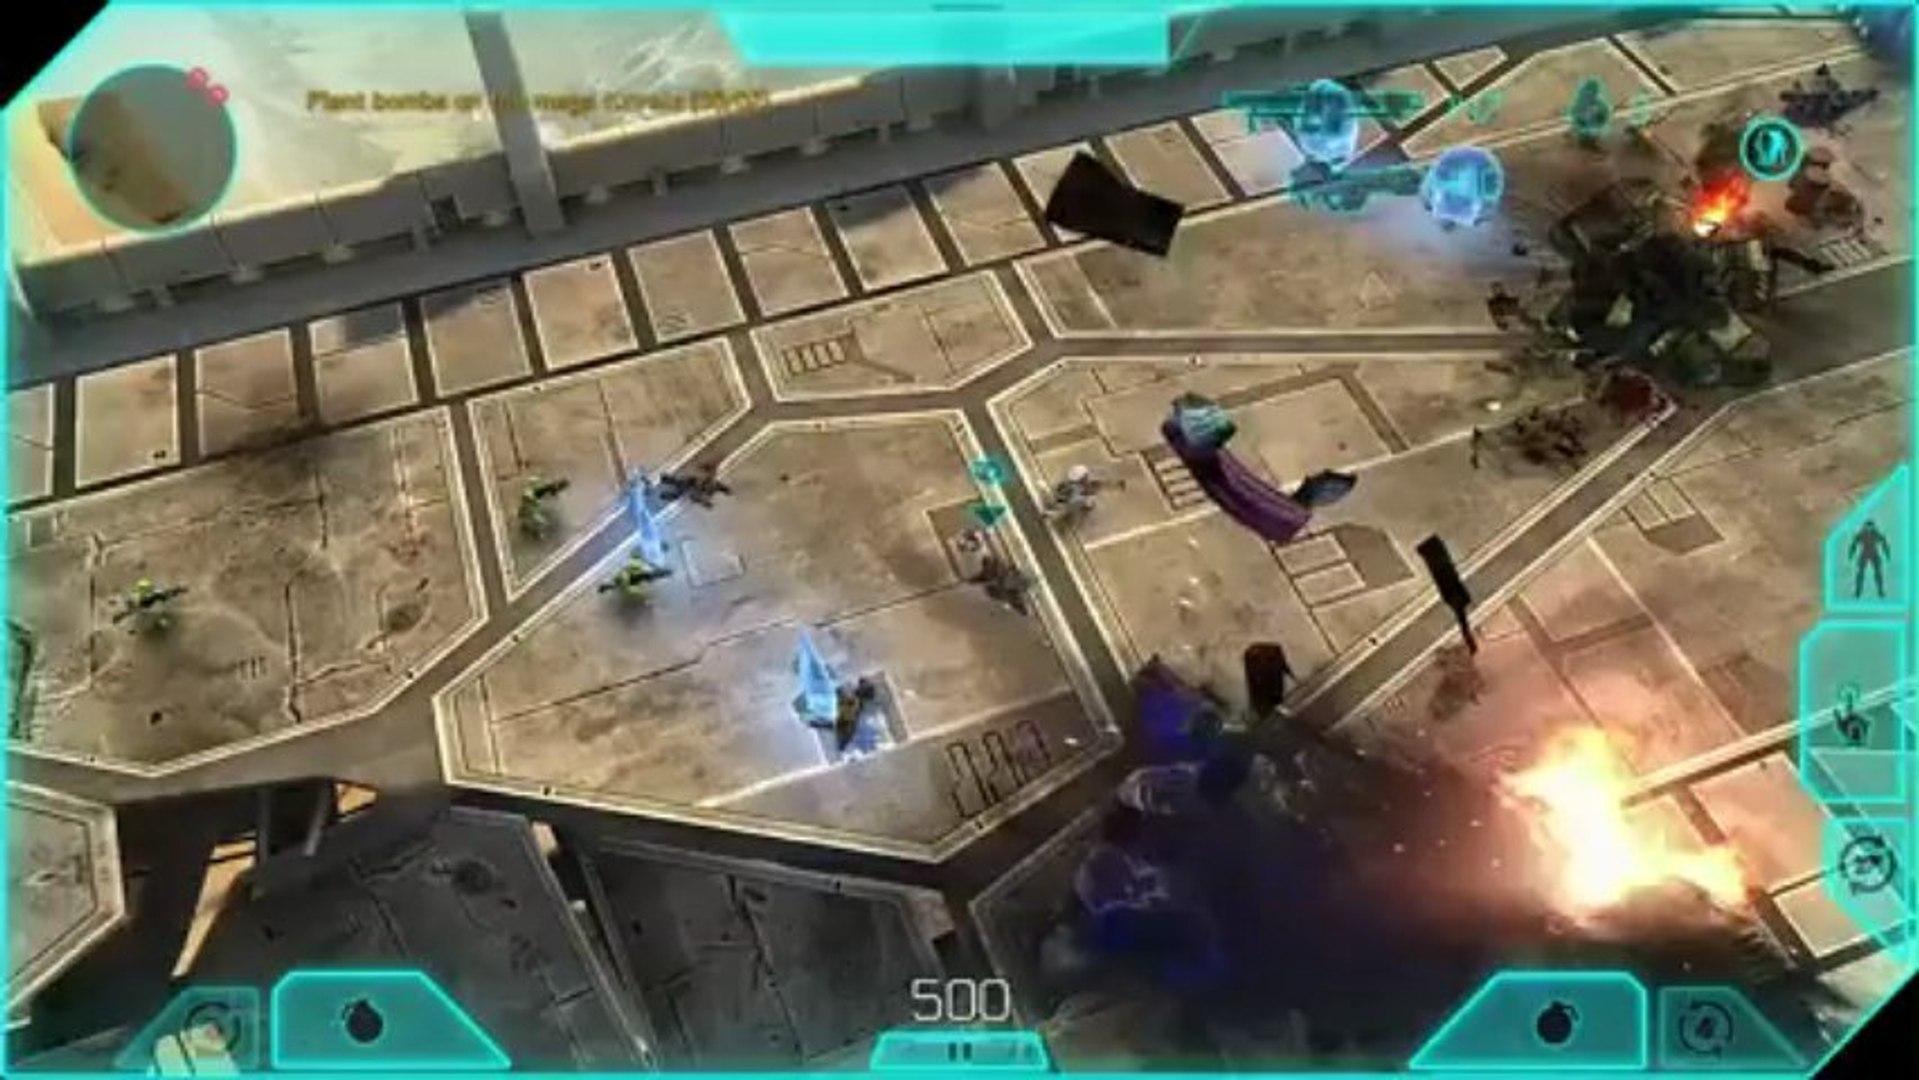 Halo Spartan Assault - Une mission dans Halo Spartan Assault